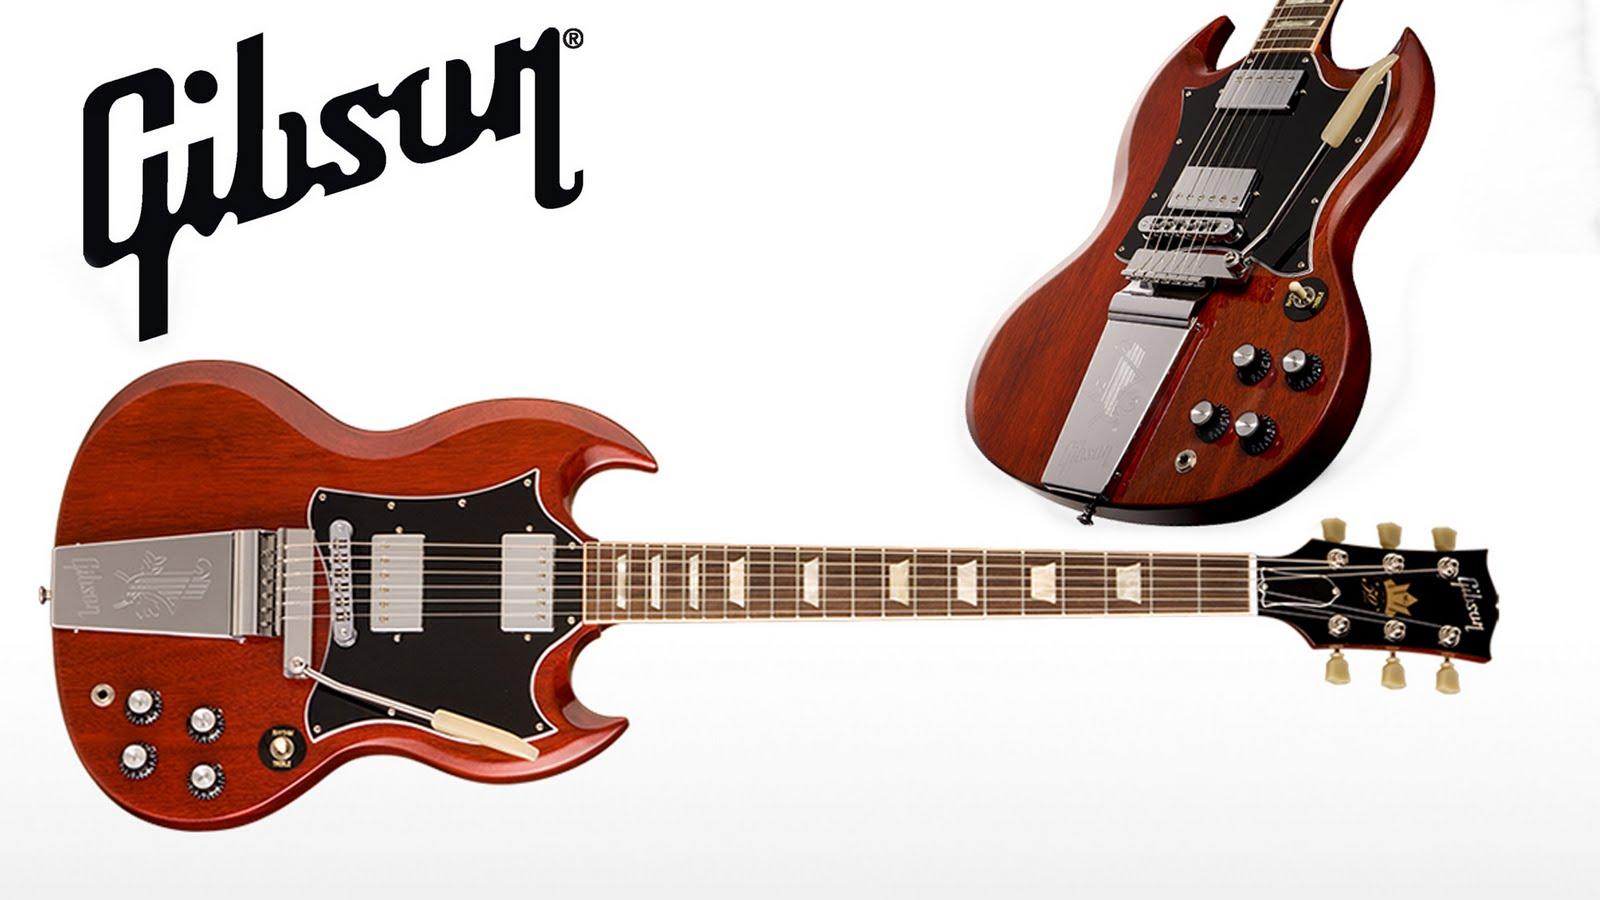 http://2.bp.blogspot.com/-V-Bv-YRicec/Tf6CvTyE1GI/AAAAAAAAApM/QZgxerwaKrM/s1600/Gibson+50th+Anniversary+Robby+Krieger+SG+HD+Music+Desktop+Wallpaper+Great+Guitar+Sound+1920x1080+www.GreatGuitarSound.Blogspot.com.jpg